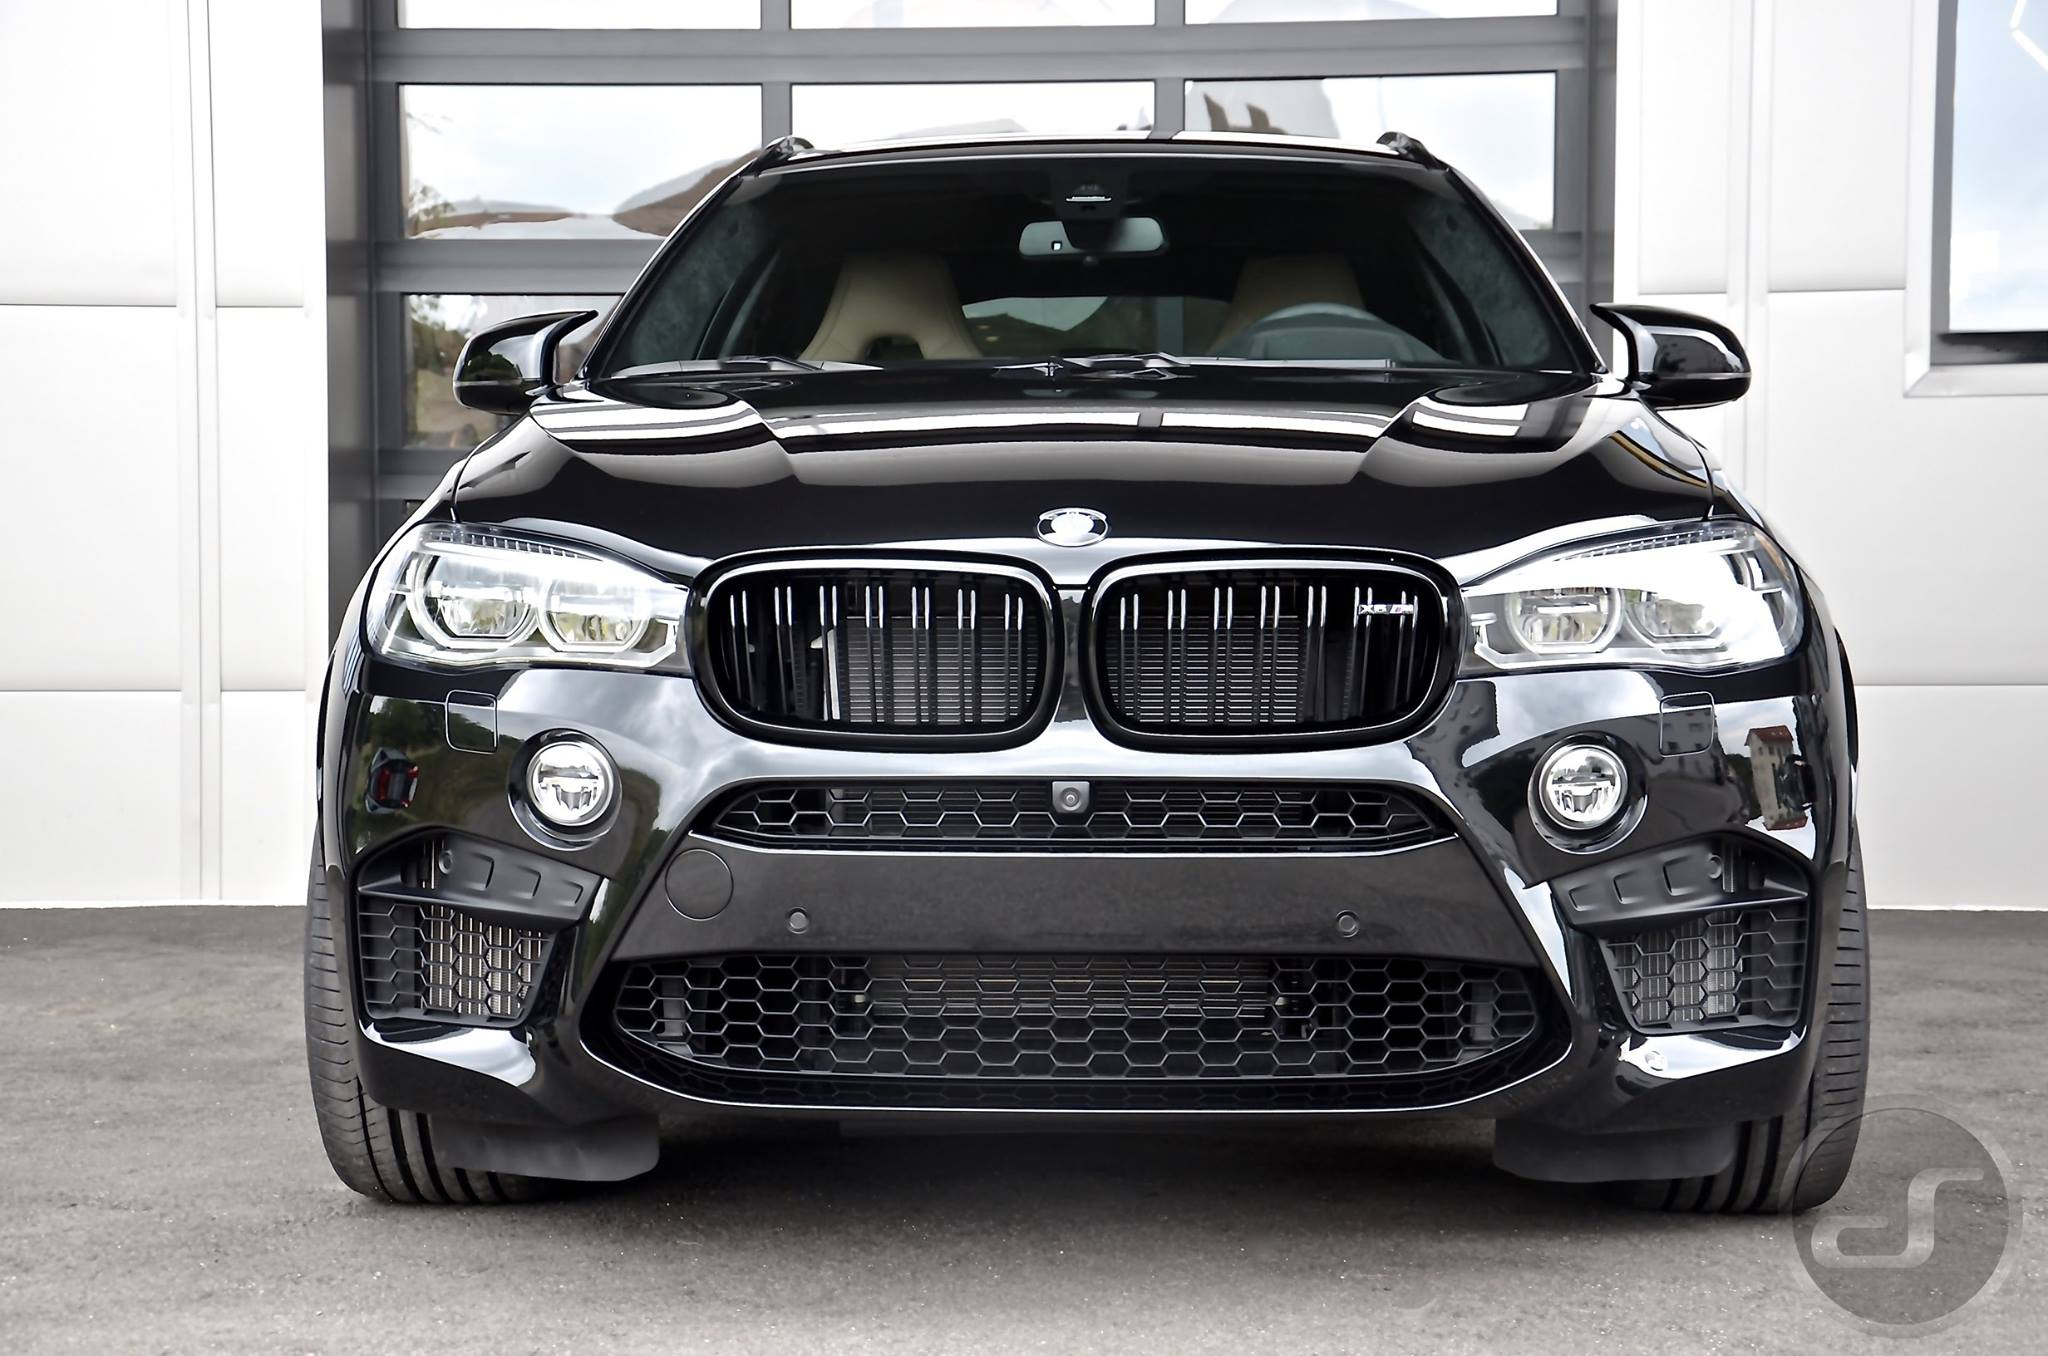 BMW X5M (F85) HQ wallpapers